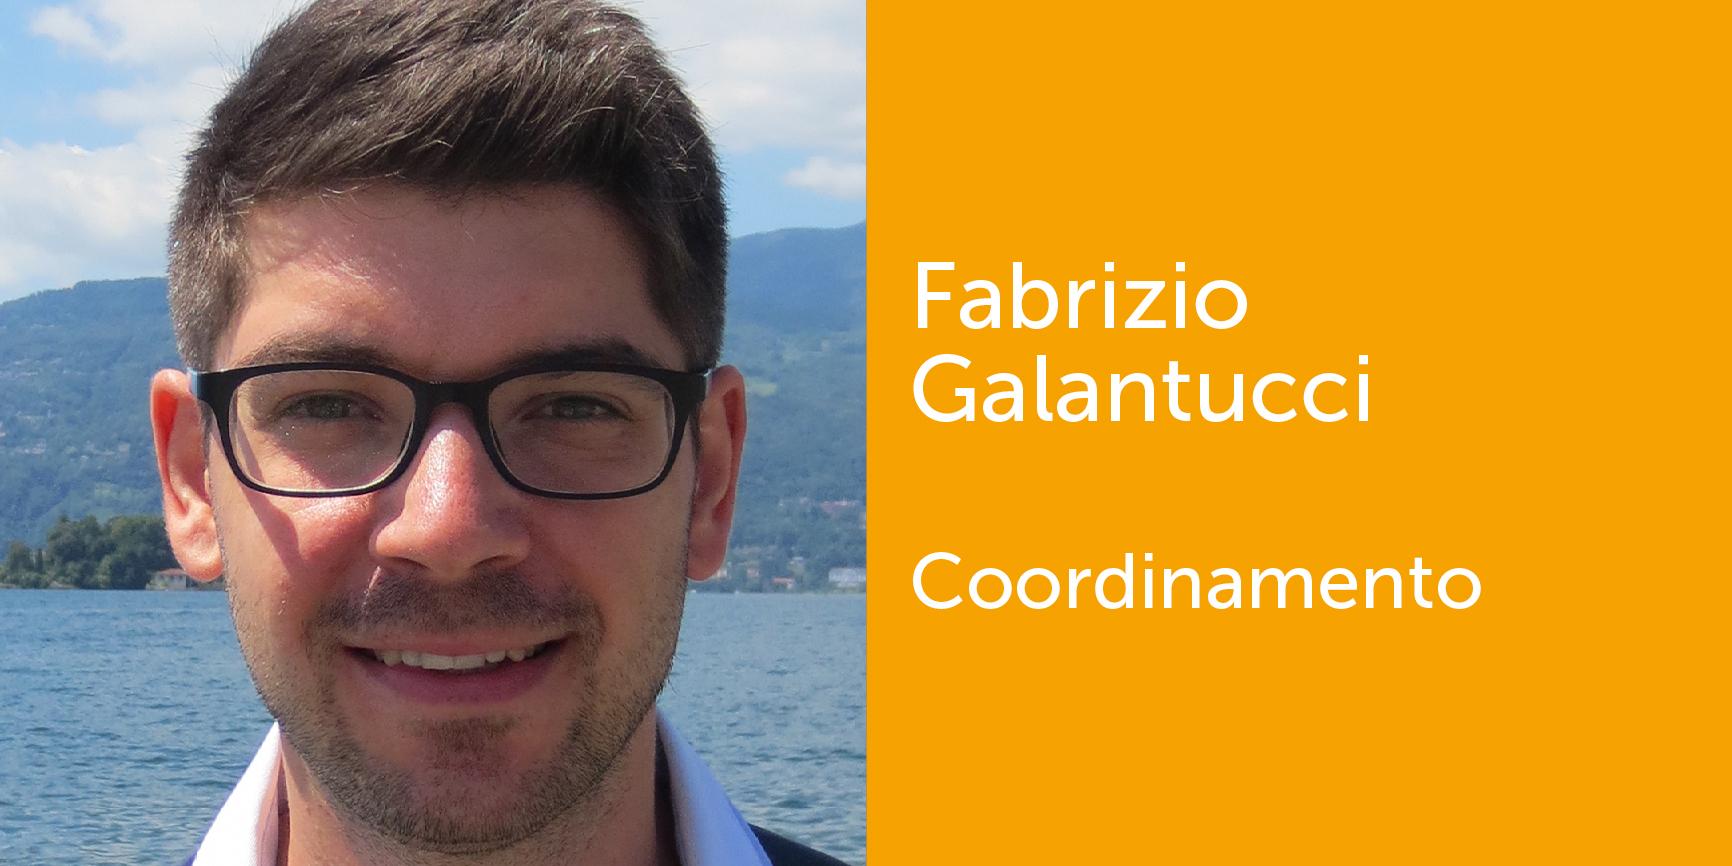 Fabrizio Galantucci - Coordinamento